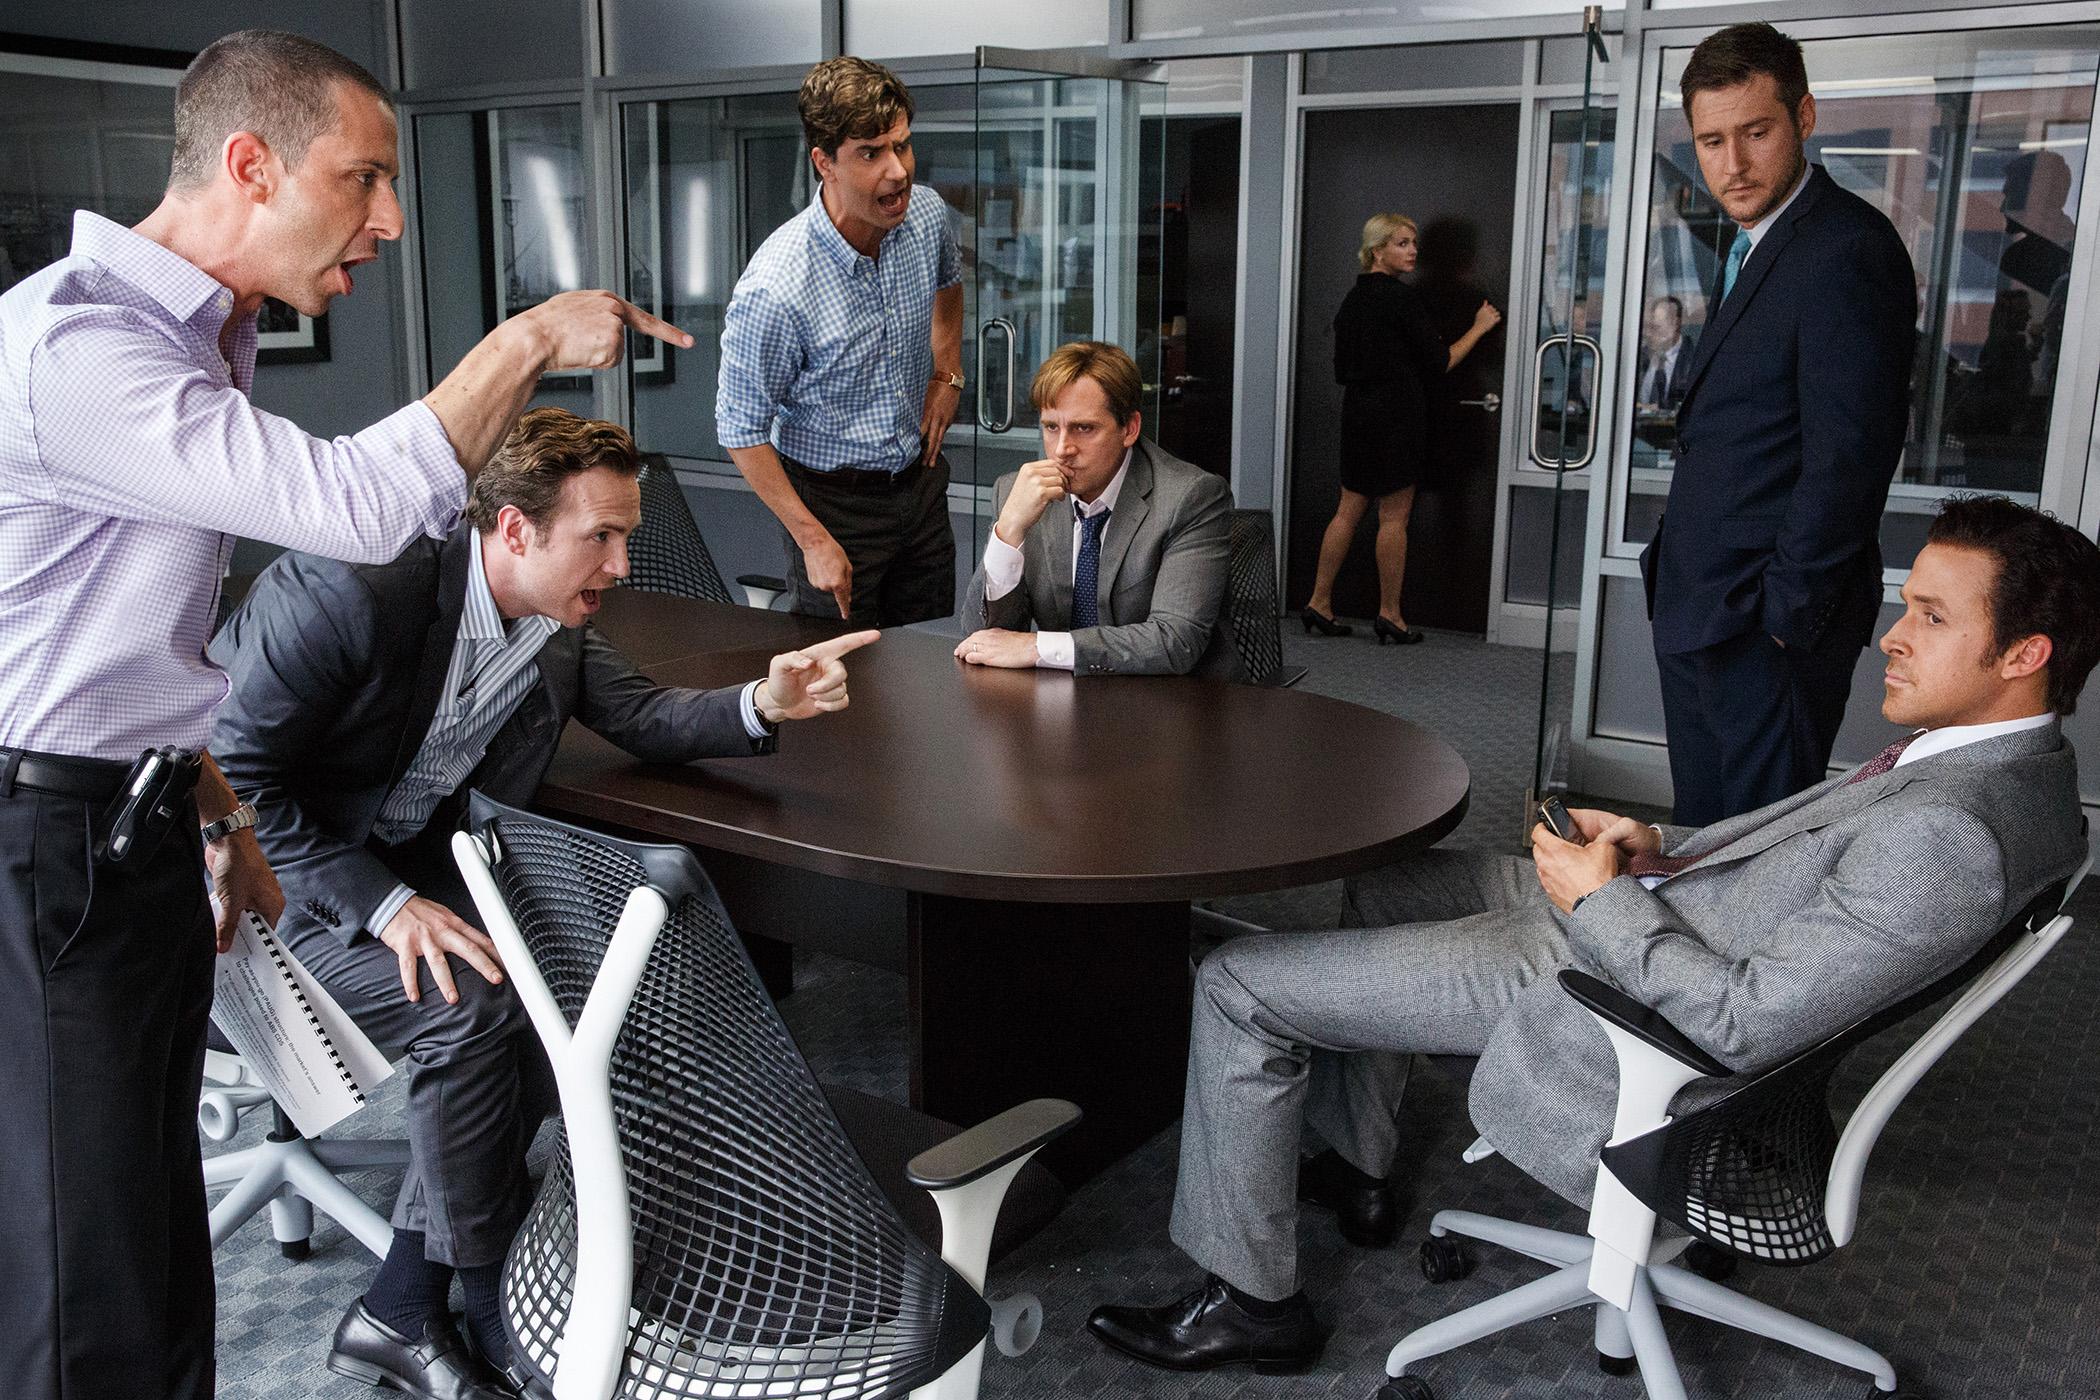 A Grande Aposta  Novamente com a dupla Carell&Gosling, esse é um irreverente relato da crise global de 2007. Com um figurino executivo bem composto por trajes, gravatas e afins, o filme do diretor Adam McKay (mesmo de Vice) também tem Christian Bale e Brad Pitt no elenco.